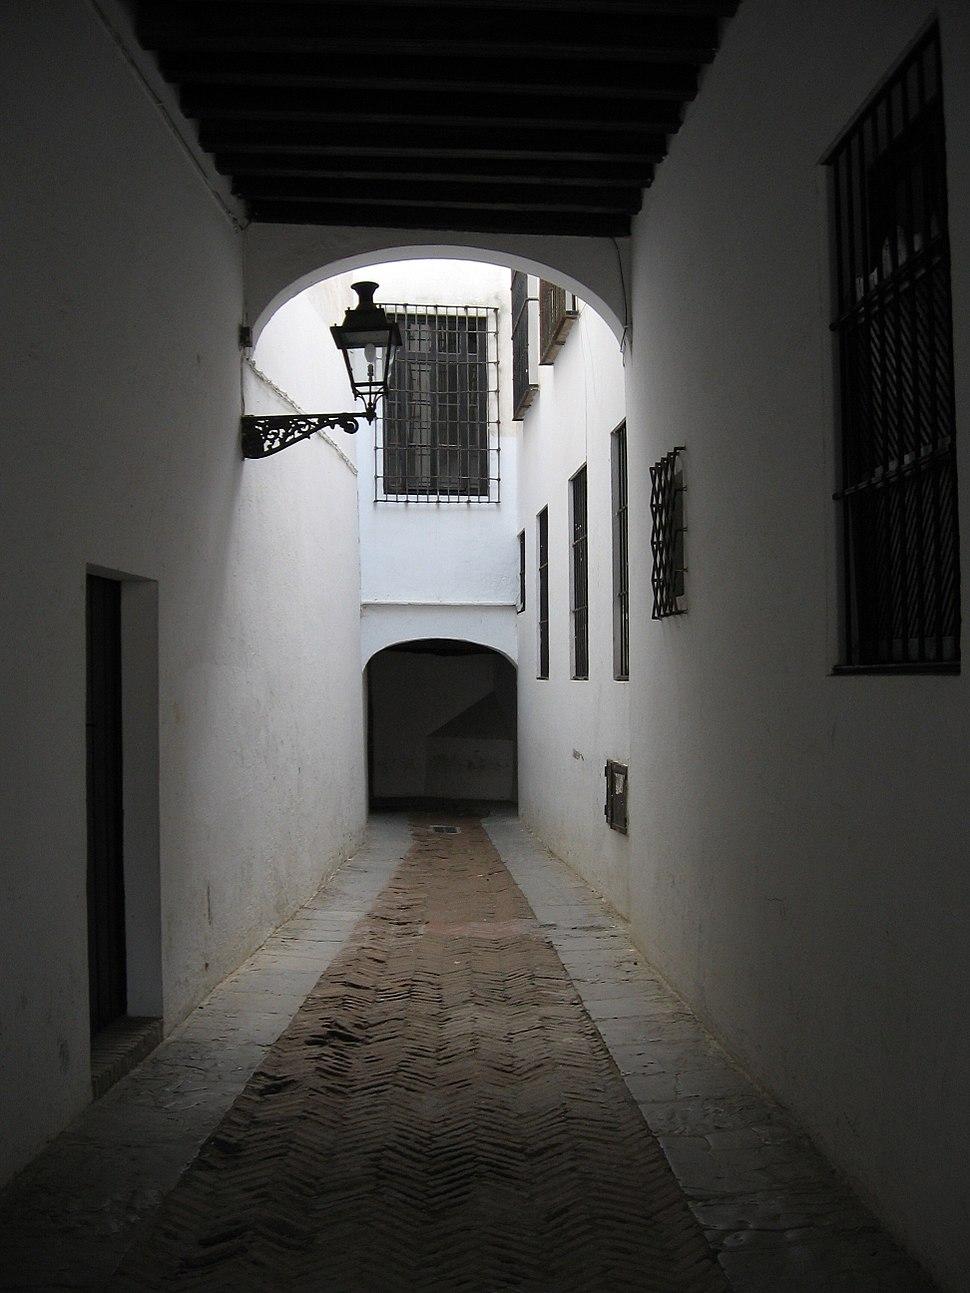 Calle juderia